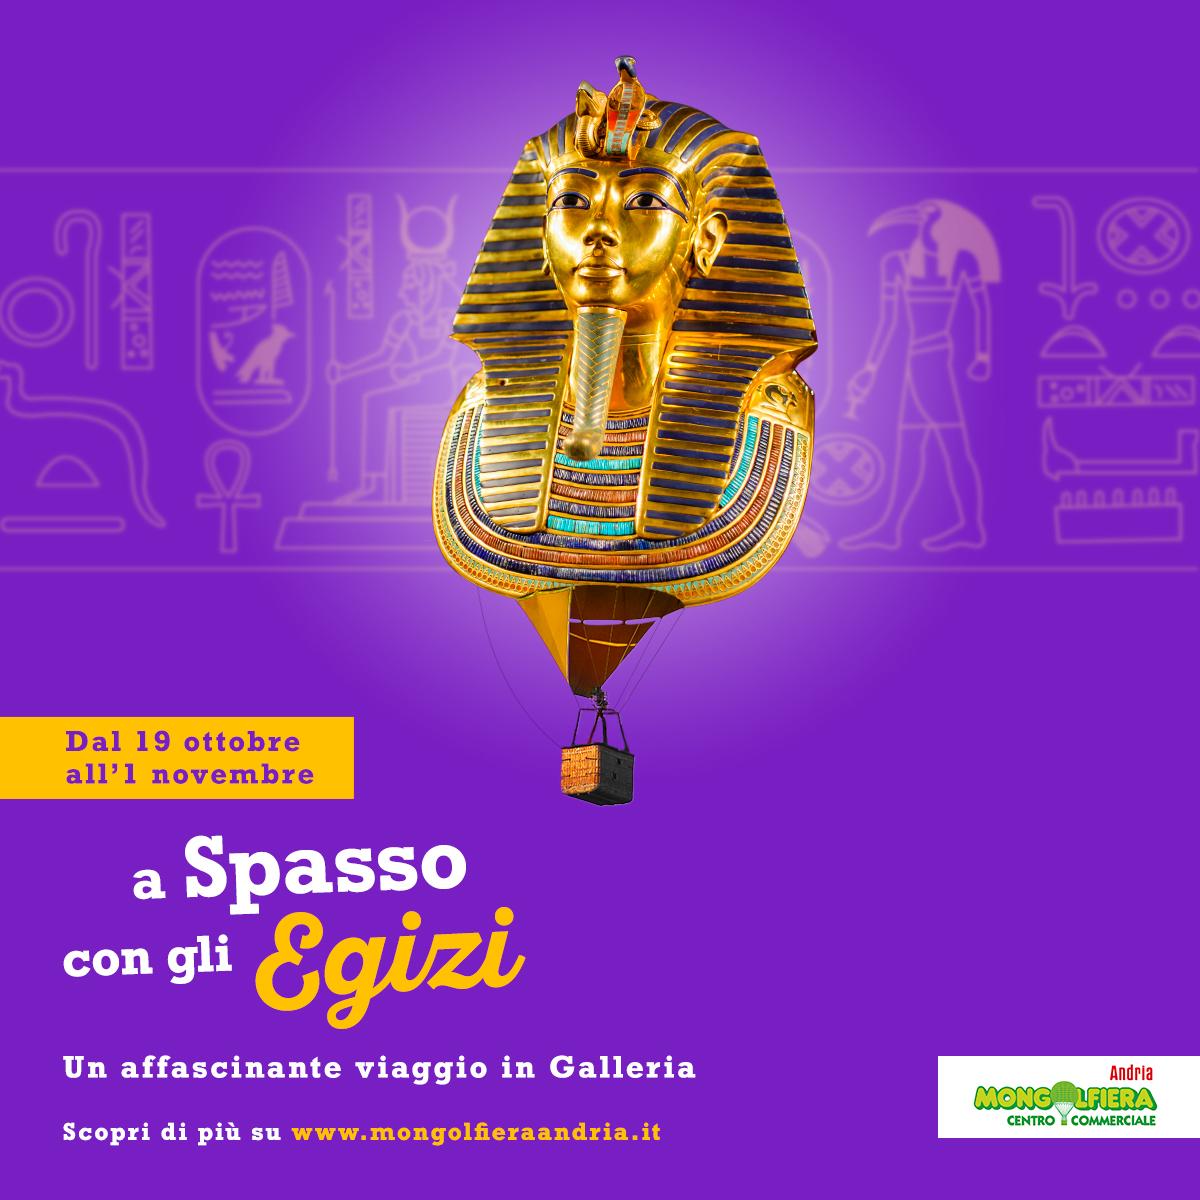 A spasso con gli egizi